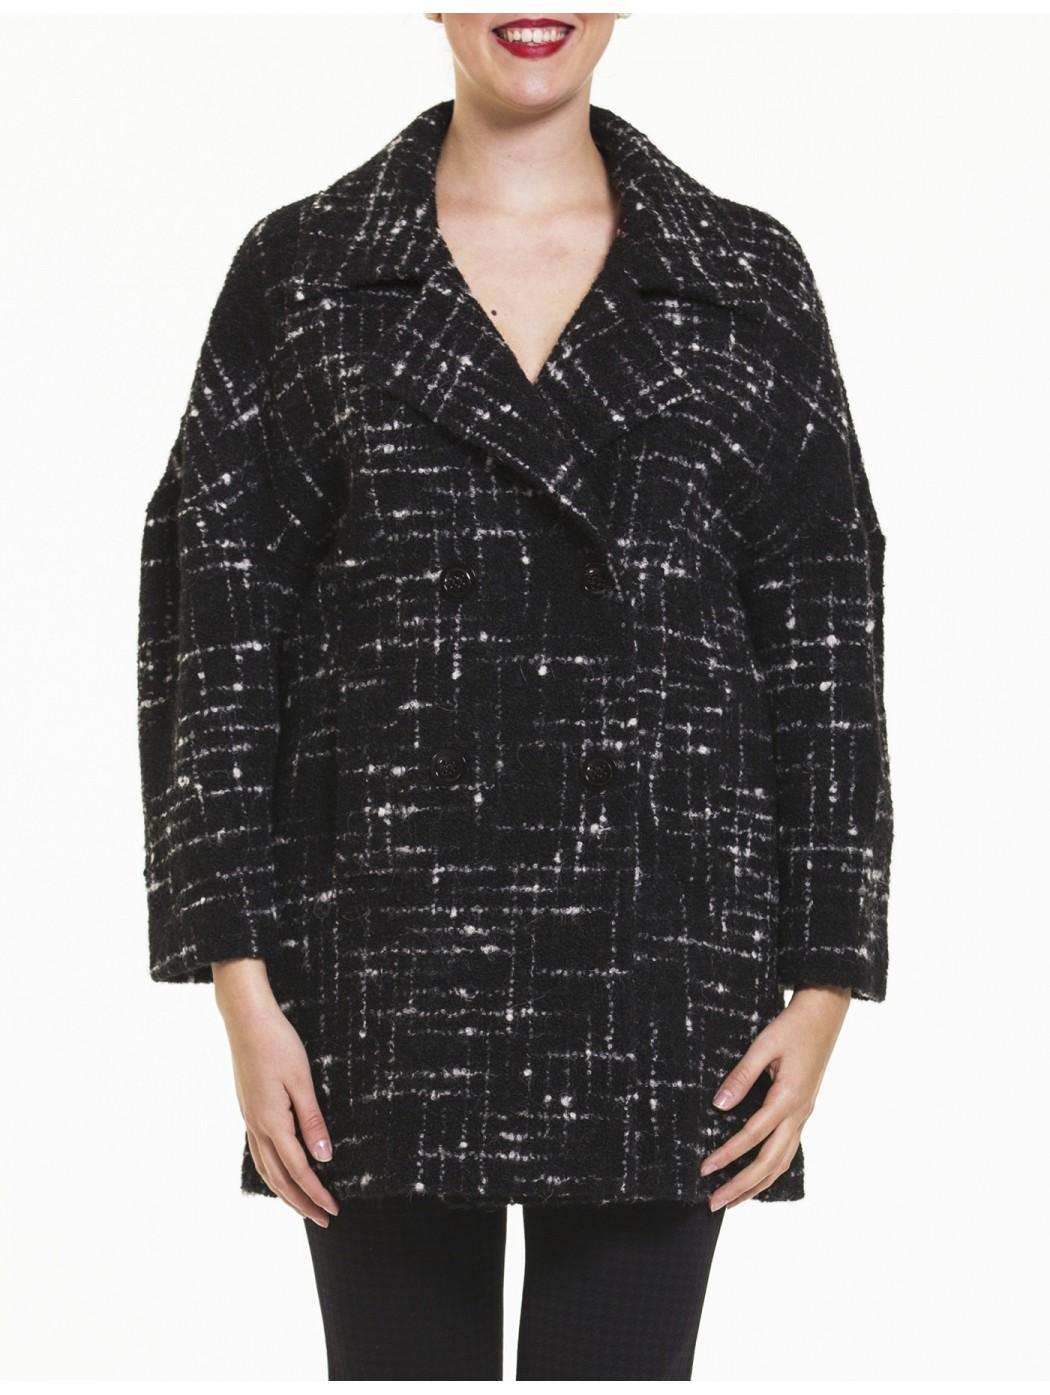 Giacca doppio petto Laura Caponi |Soft Couture